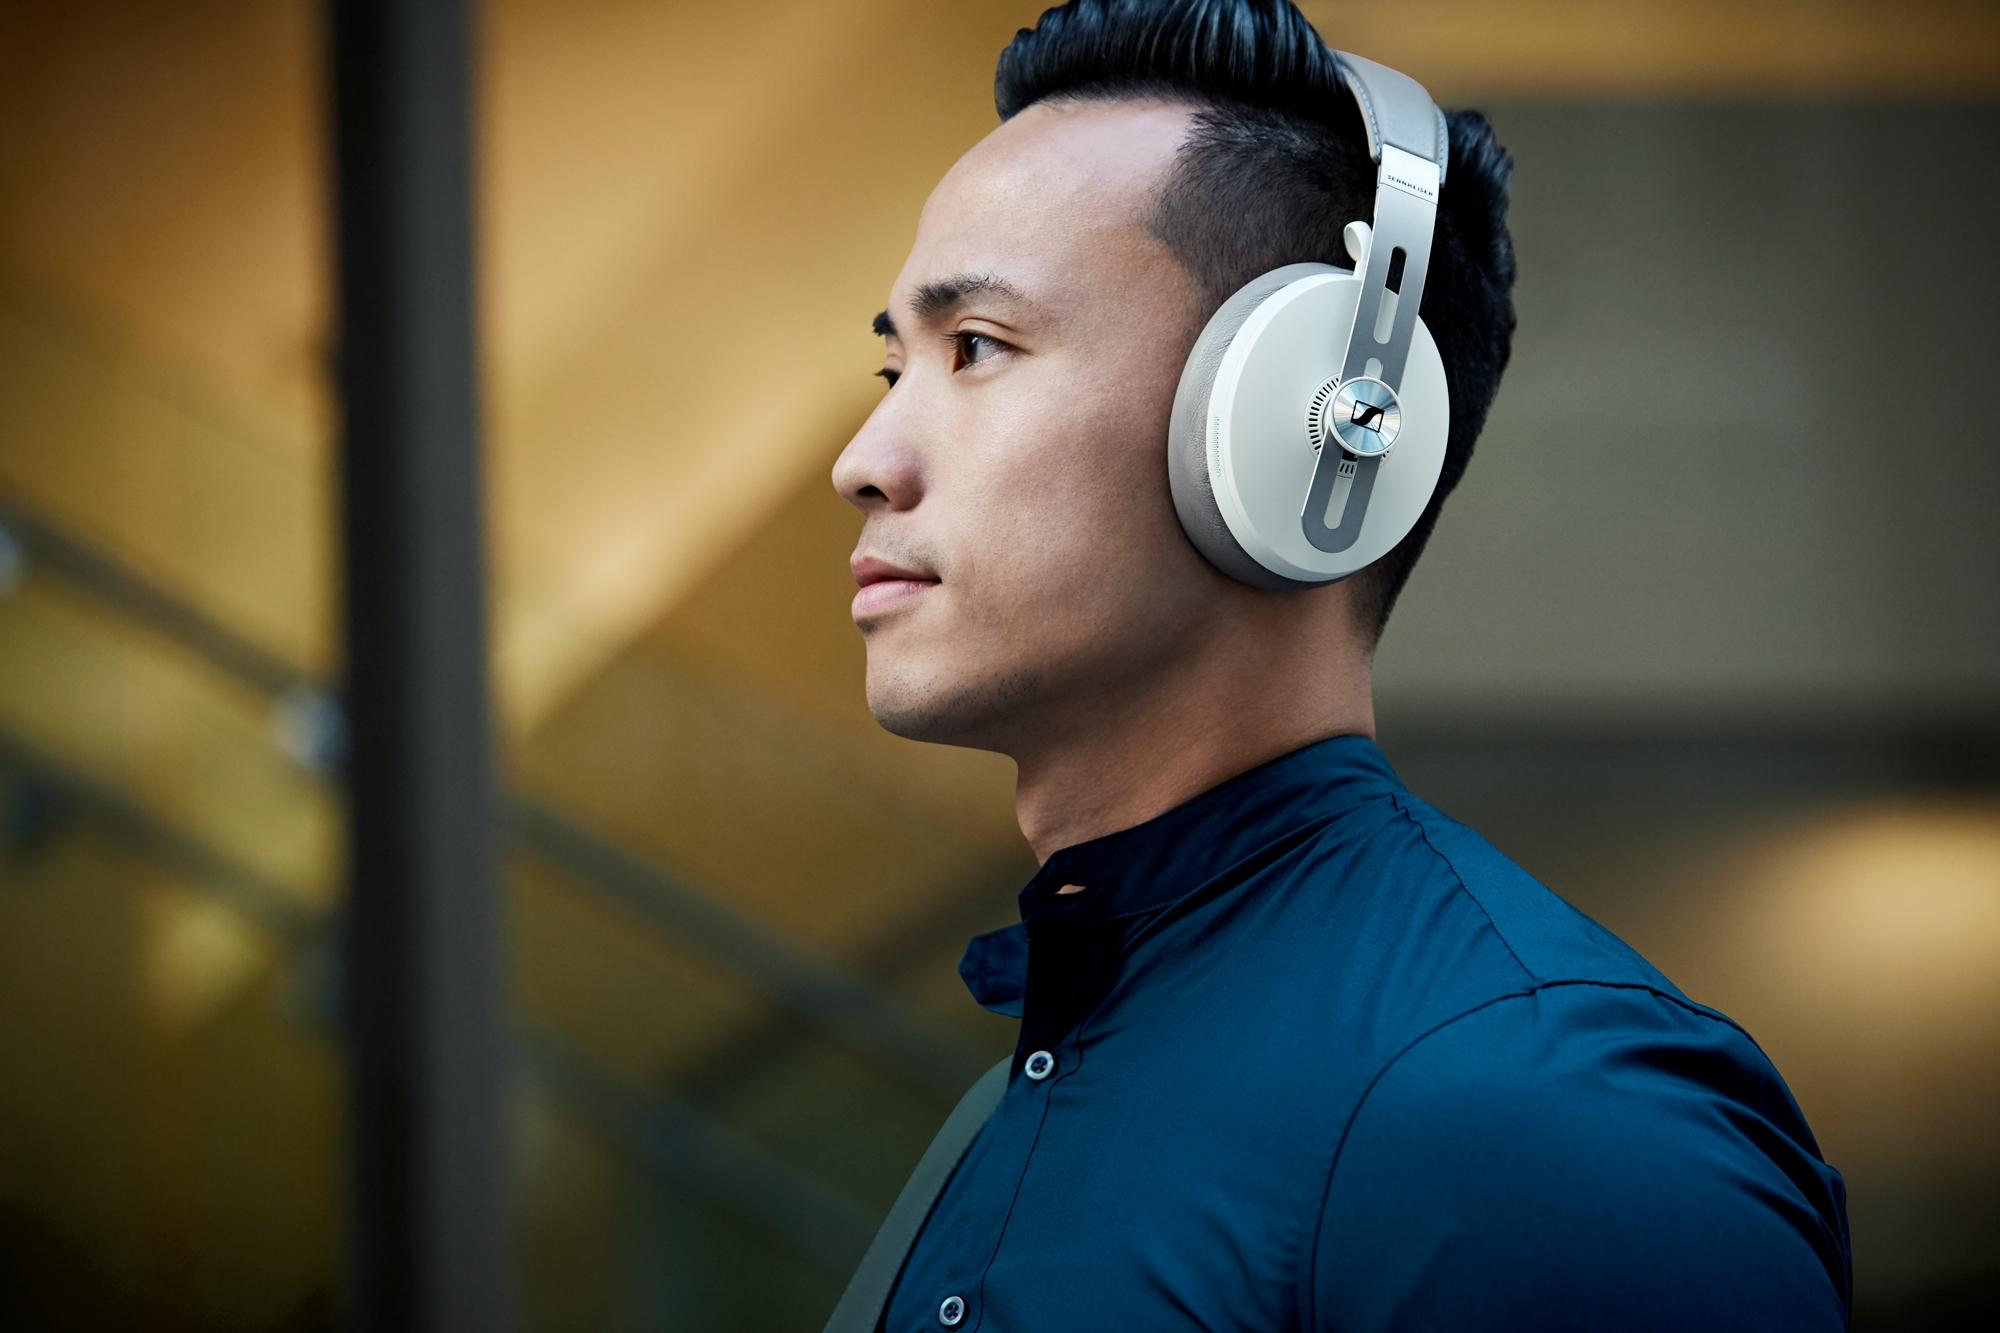 Sennheiser představil dvoje nová bezdrátová sluchátka, pyšní se pokročilým potlačováním okolního ruchu